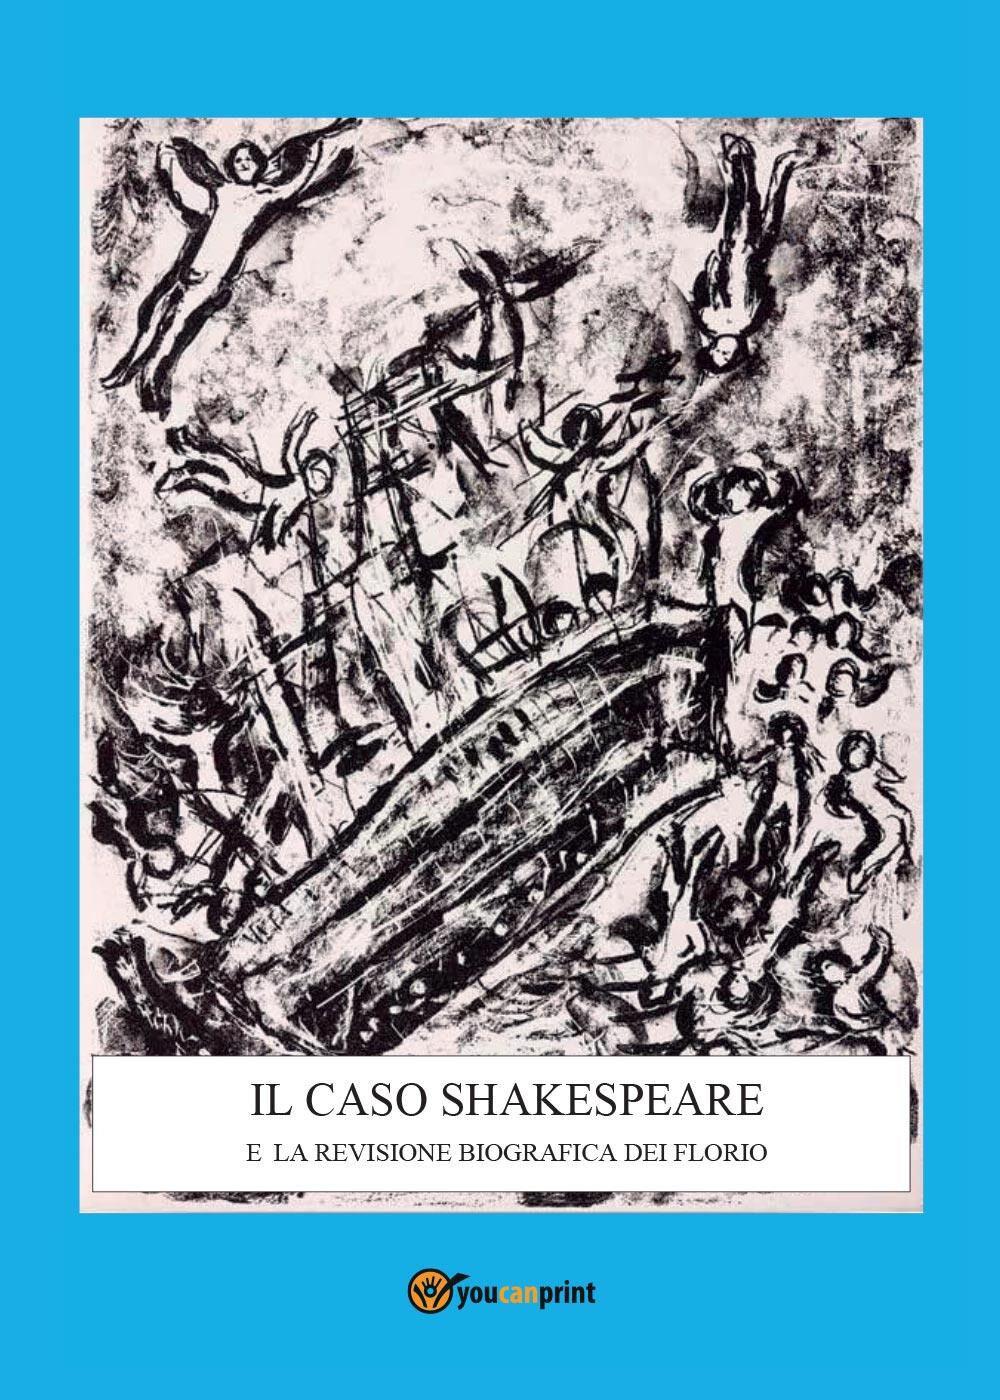 Il caso Shakespeare e la revisione biografica dei Florio